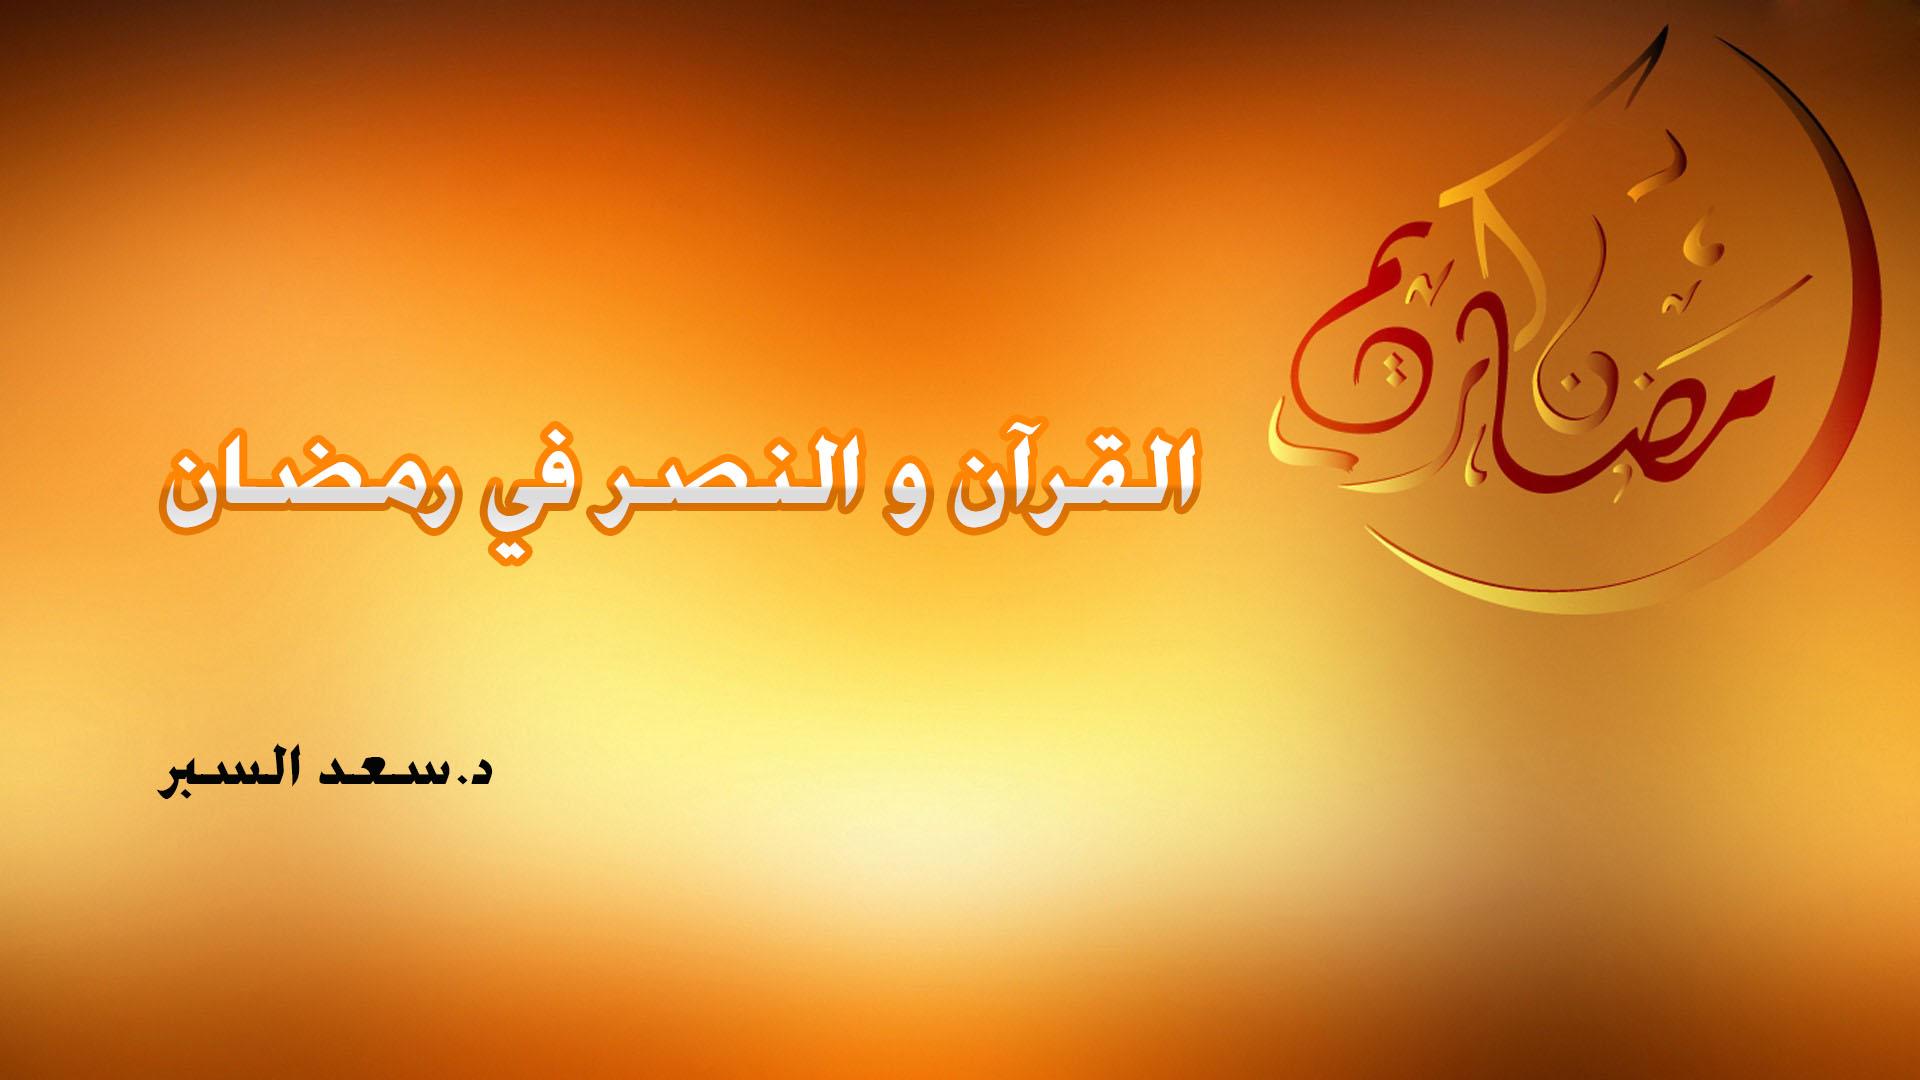 القرآن و النصر في رمضان